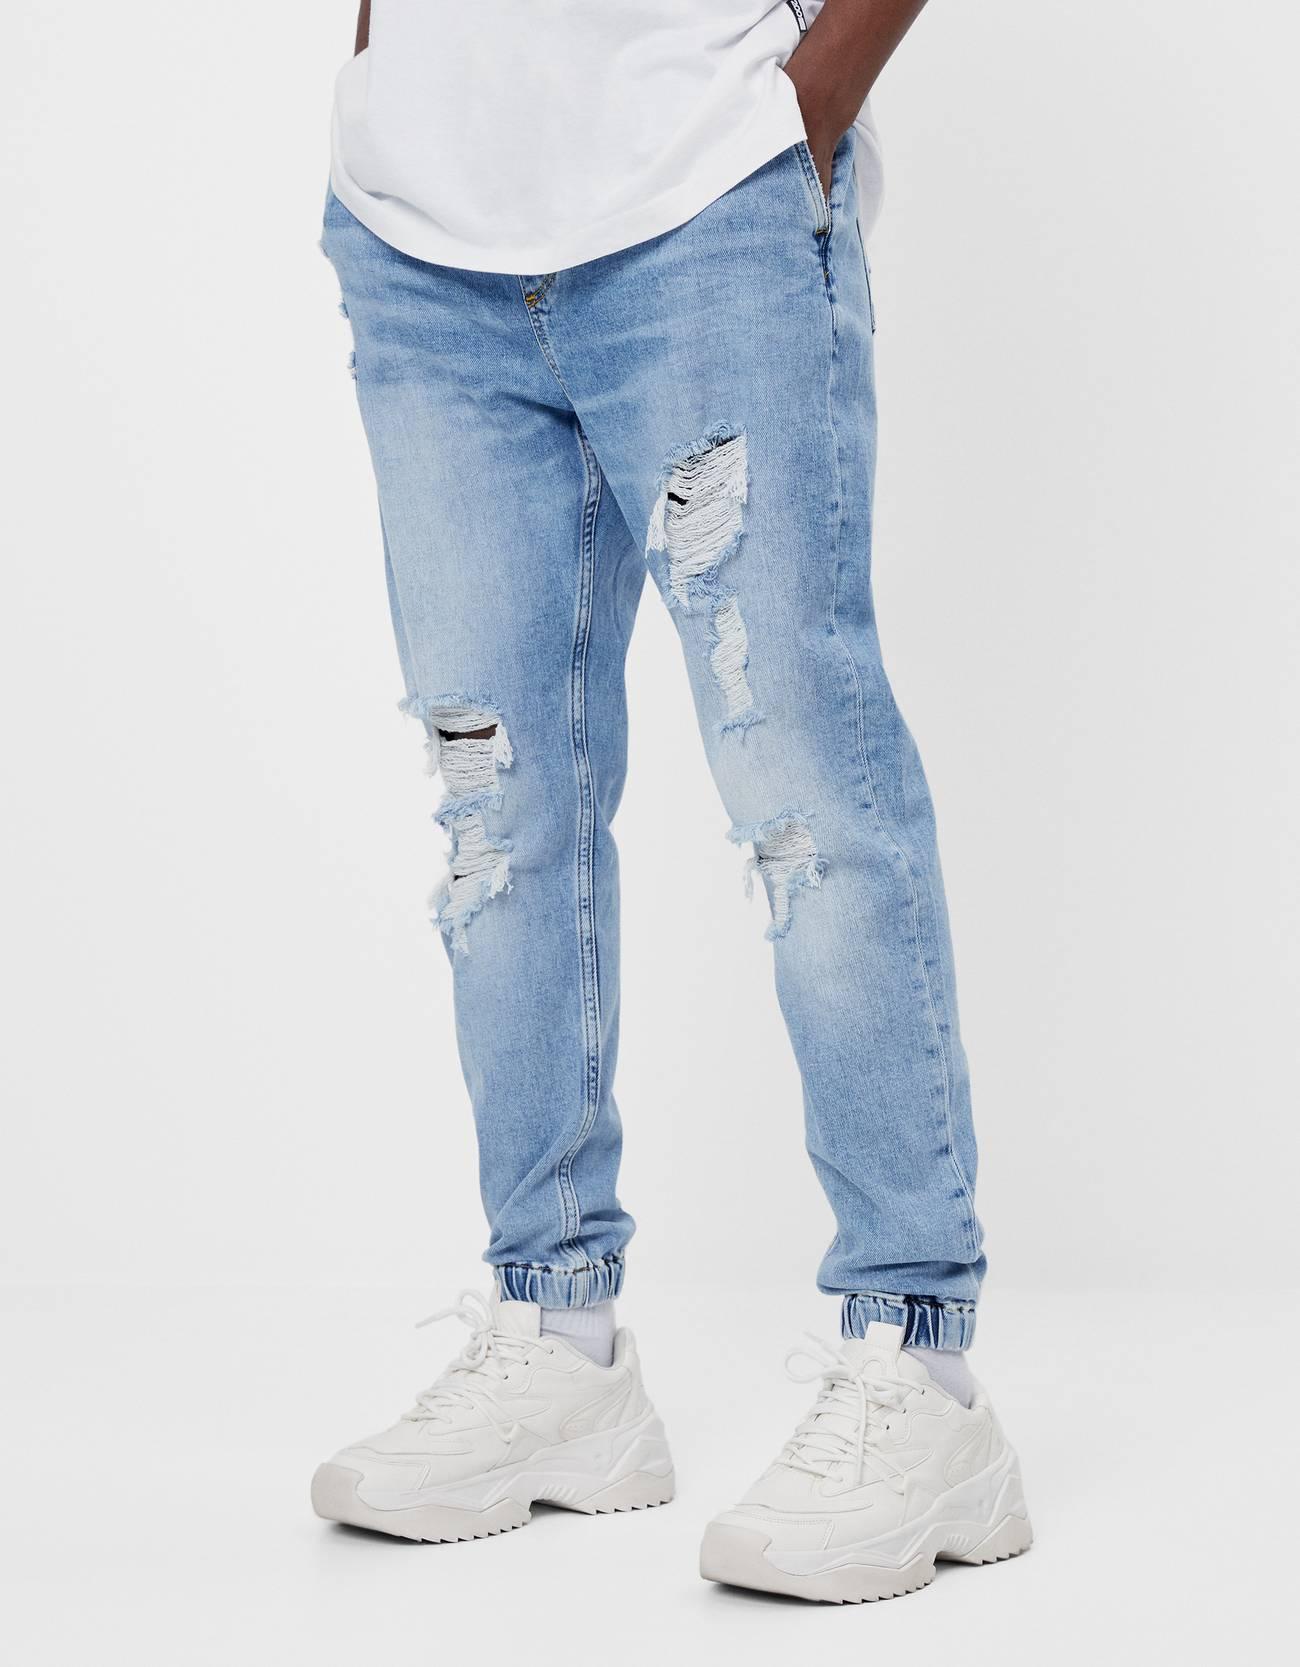 Jeans Jogger Con Rotos Hombre Bershka